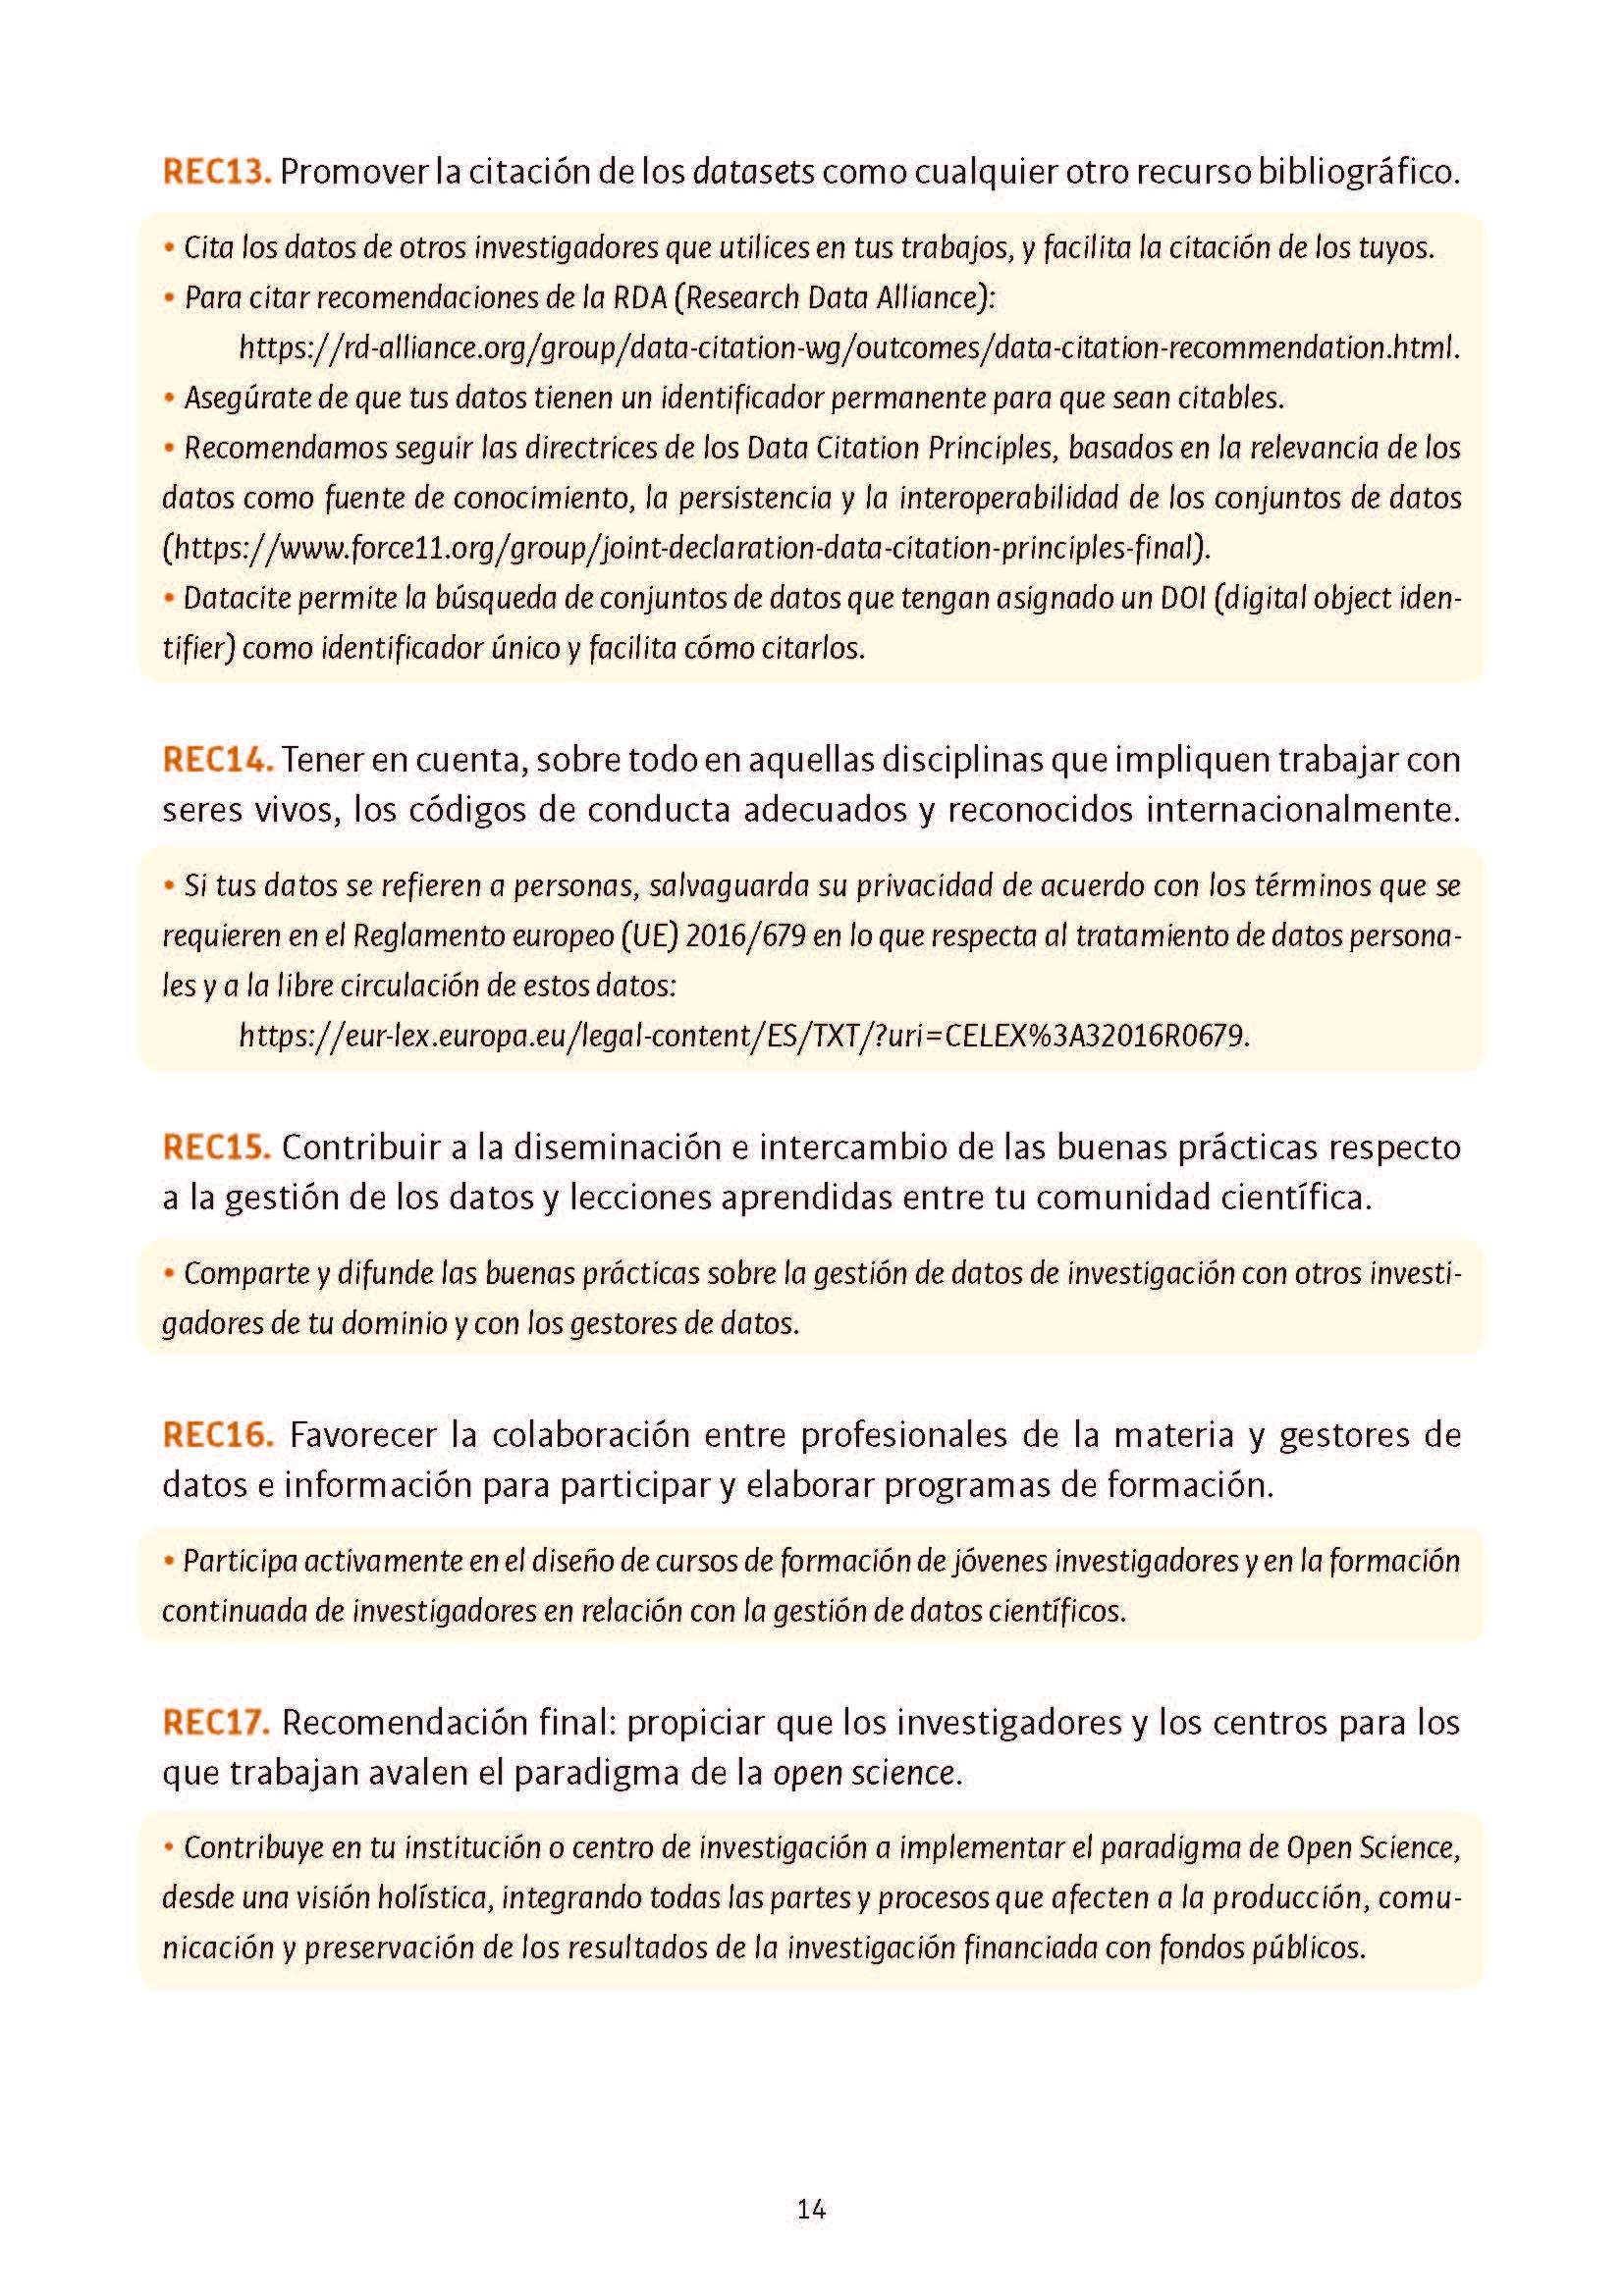 Maredata-recomendaciones-ESP_Página_14